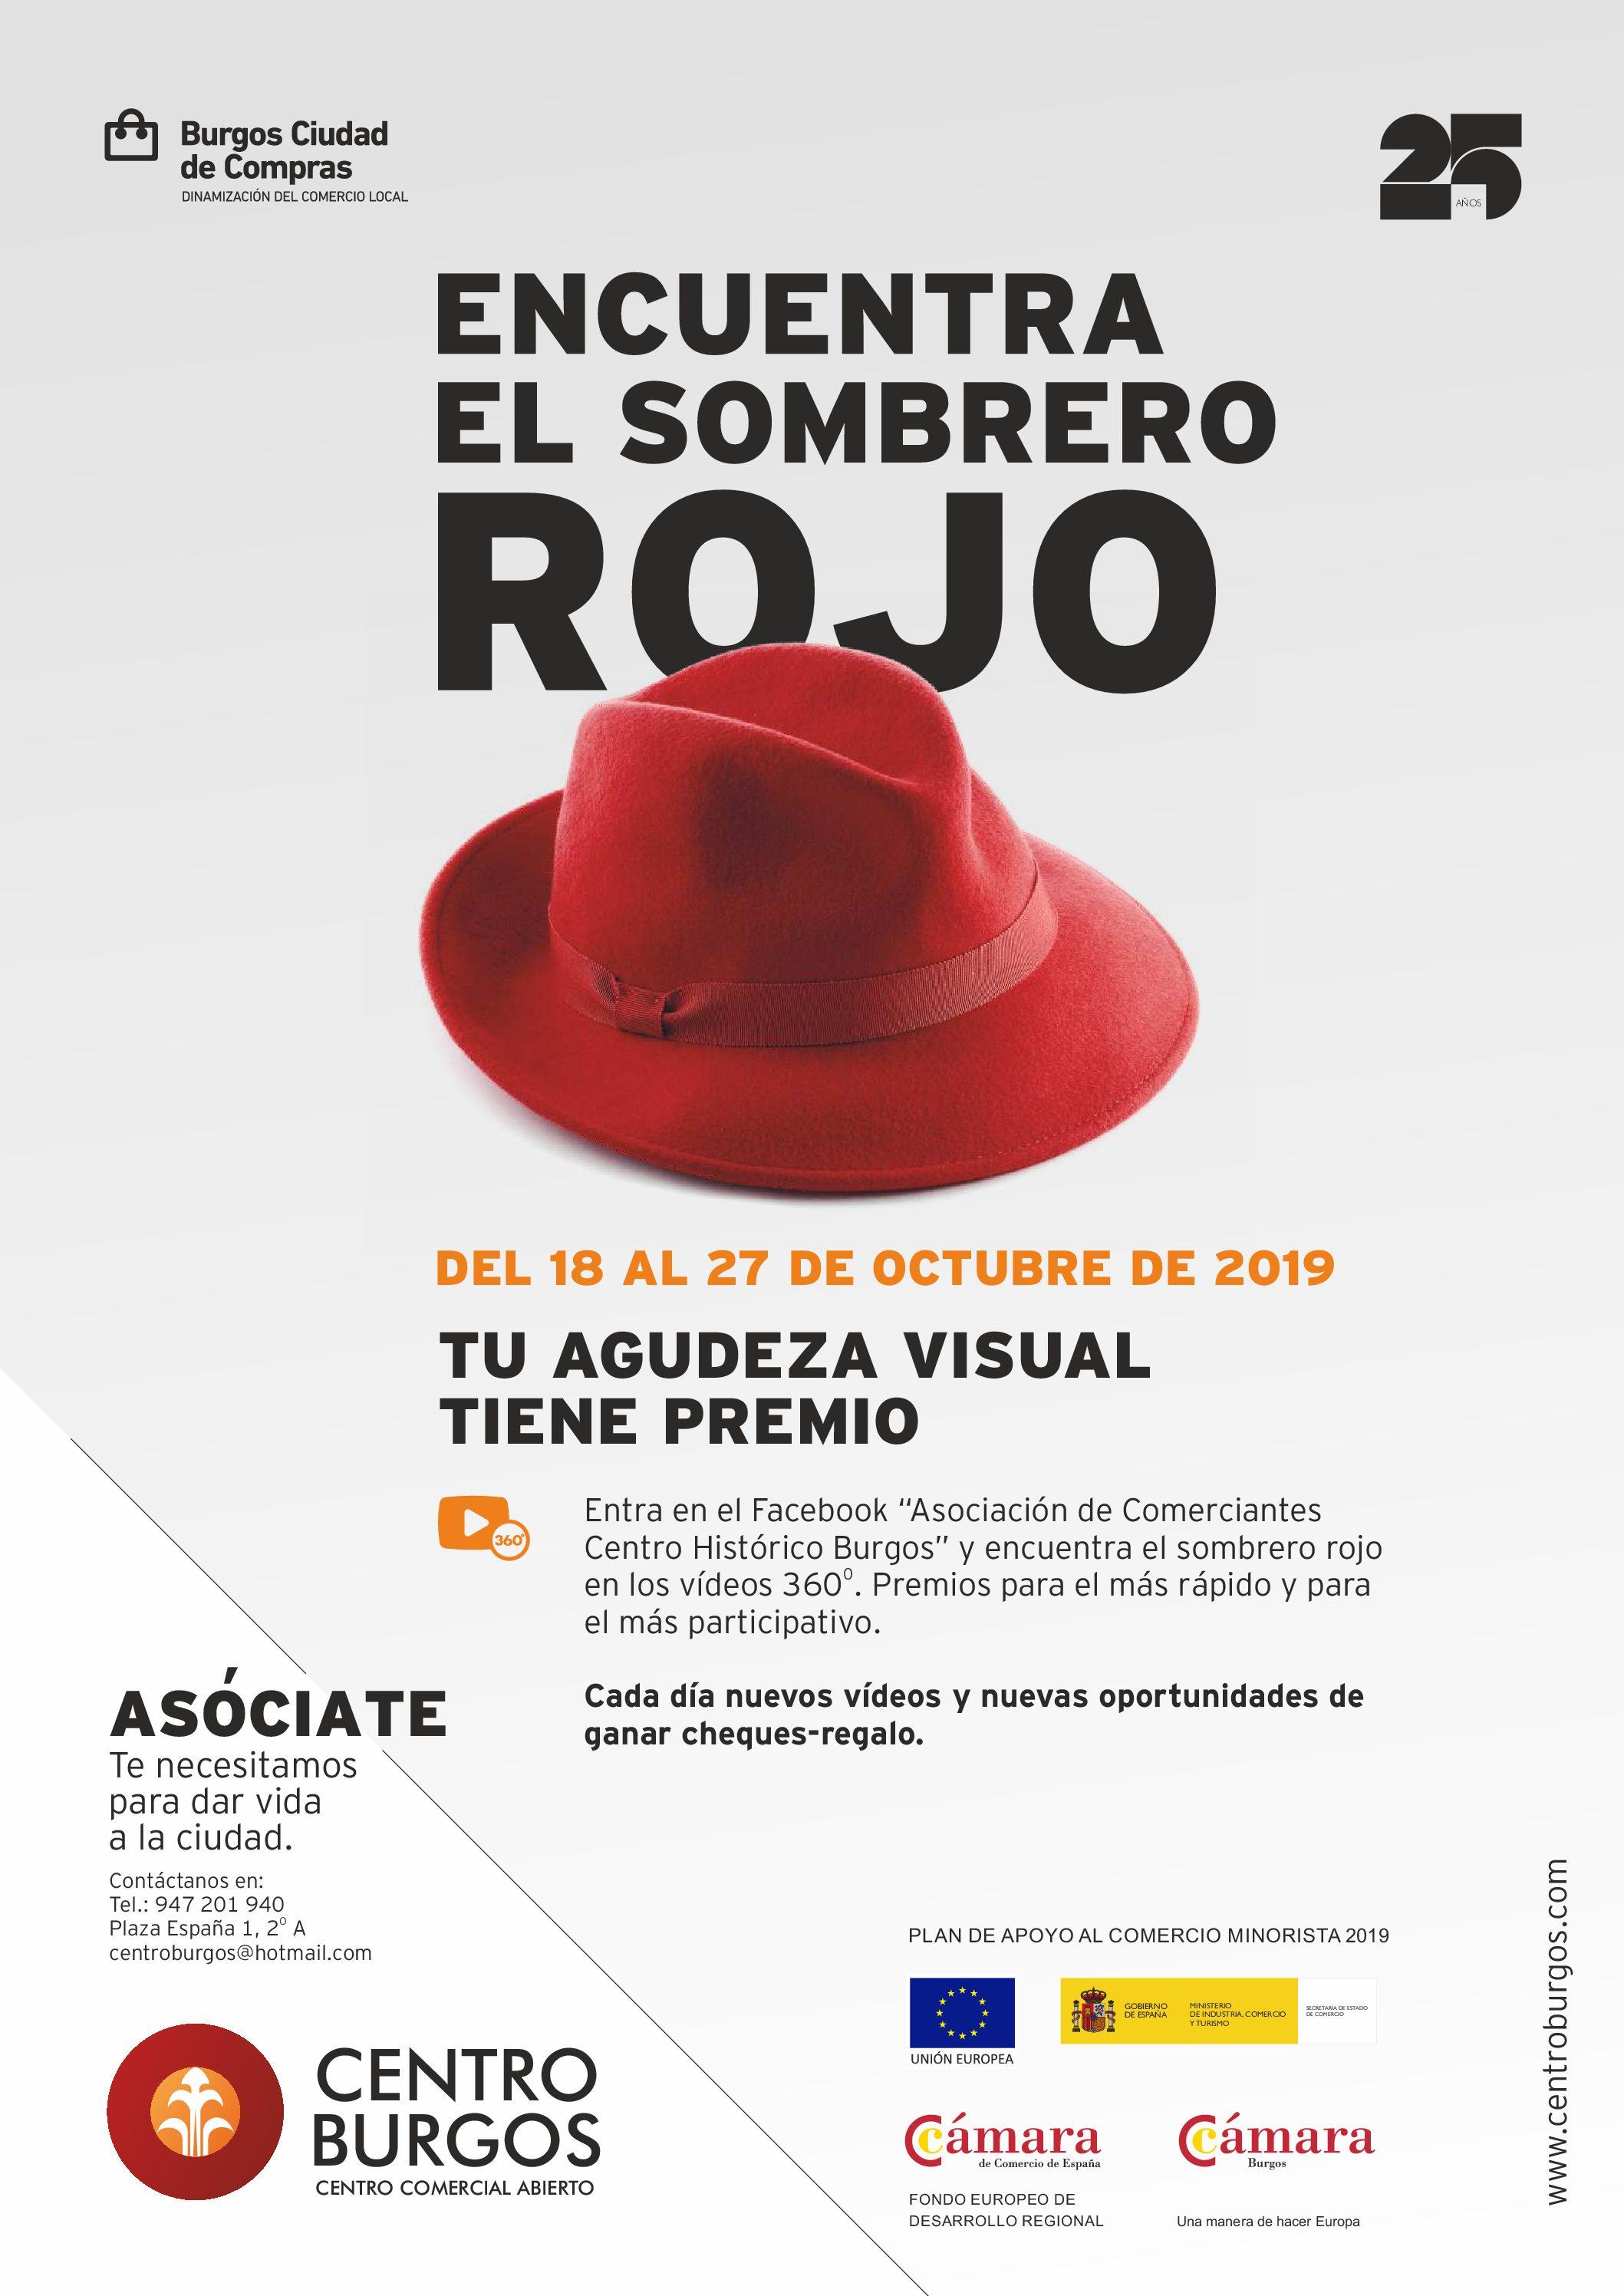 Se lanza la nueva campaña de Centro Burgos en colaboración con la Cámara de Comercio de Burgos : Sombrero Rojo